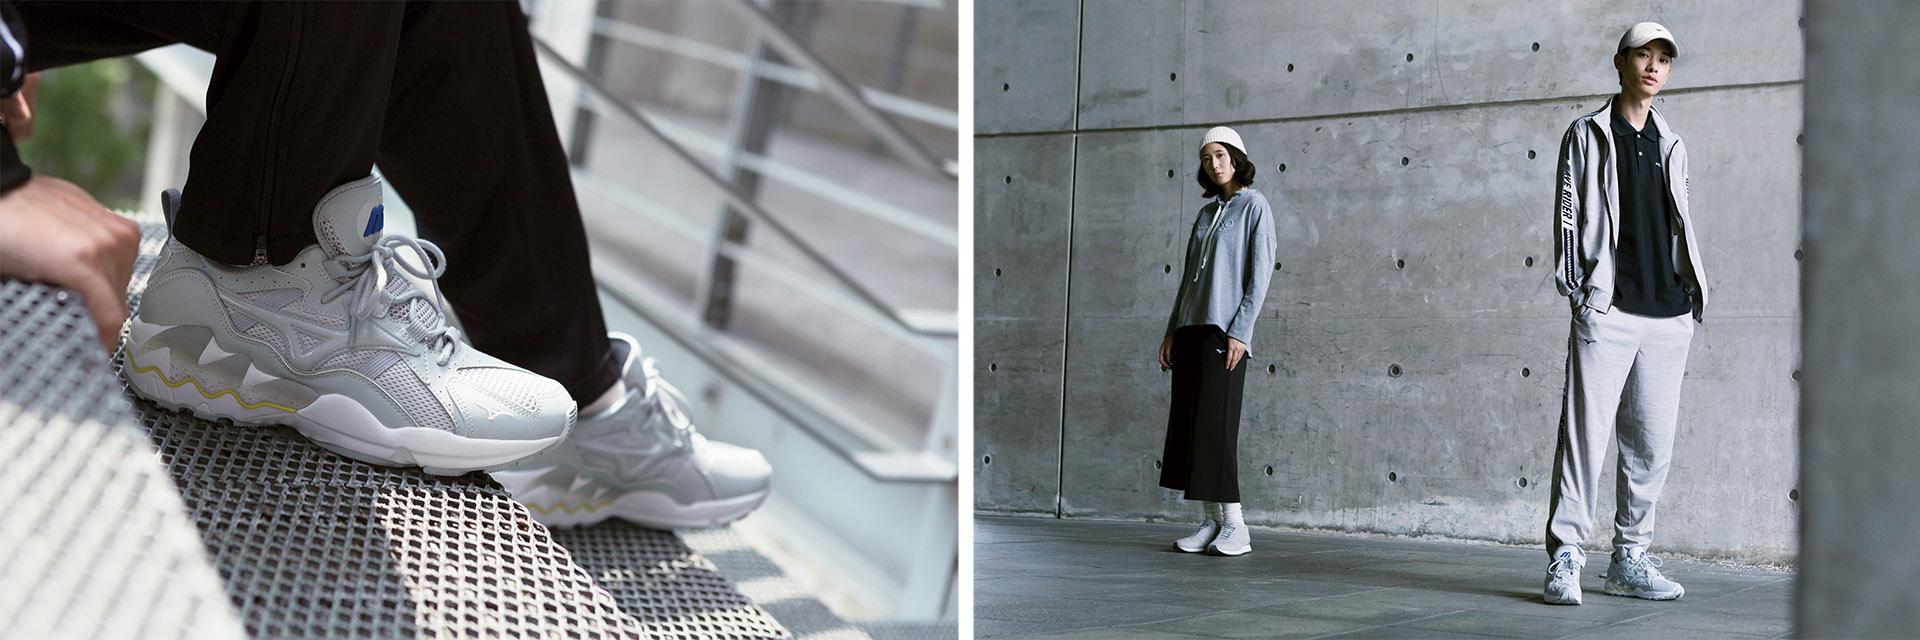 日本潮人最愛! 睽違 20 年再度回歸,MIZUNO 「正宗日系老爹鞋」有沒有燒到你?